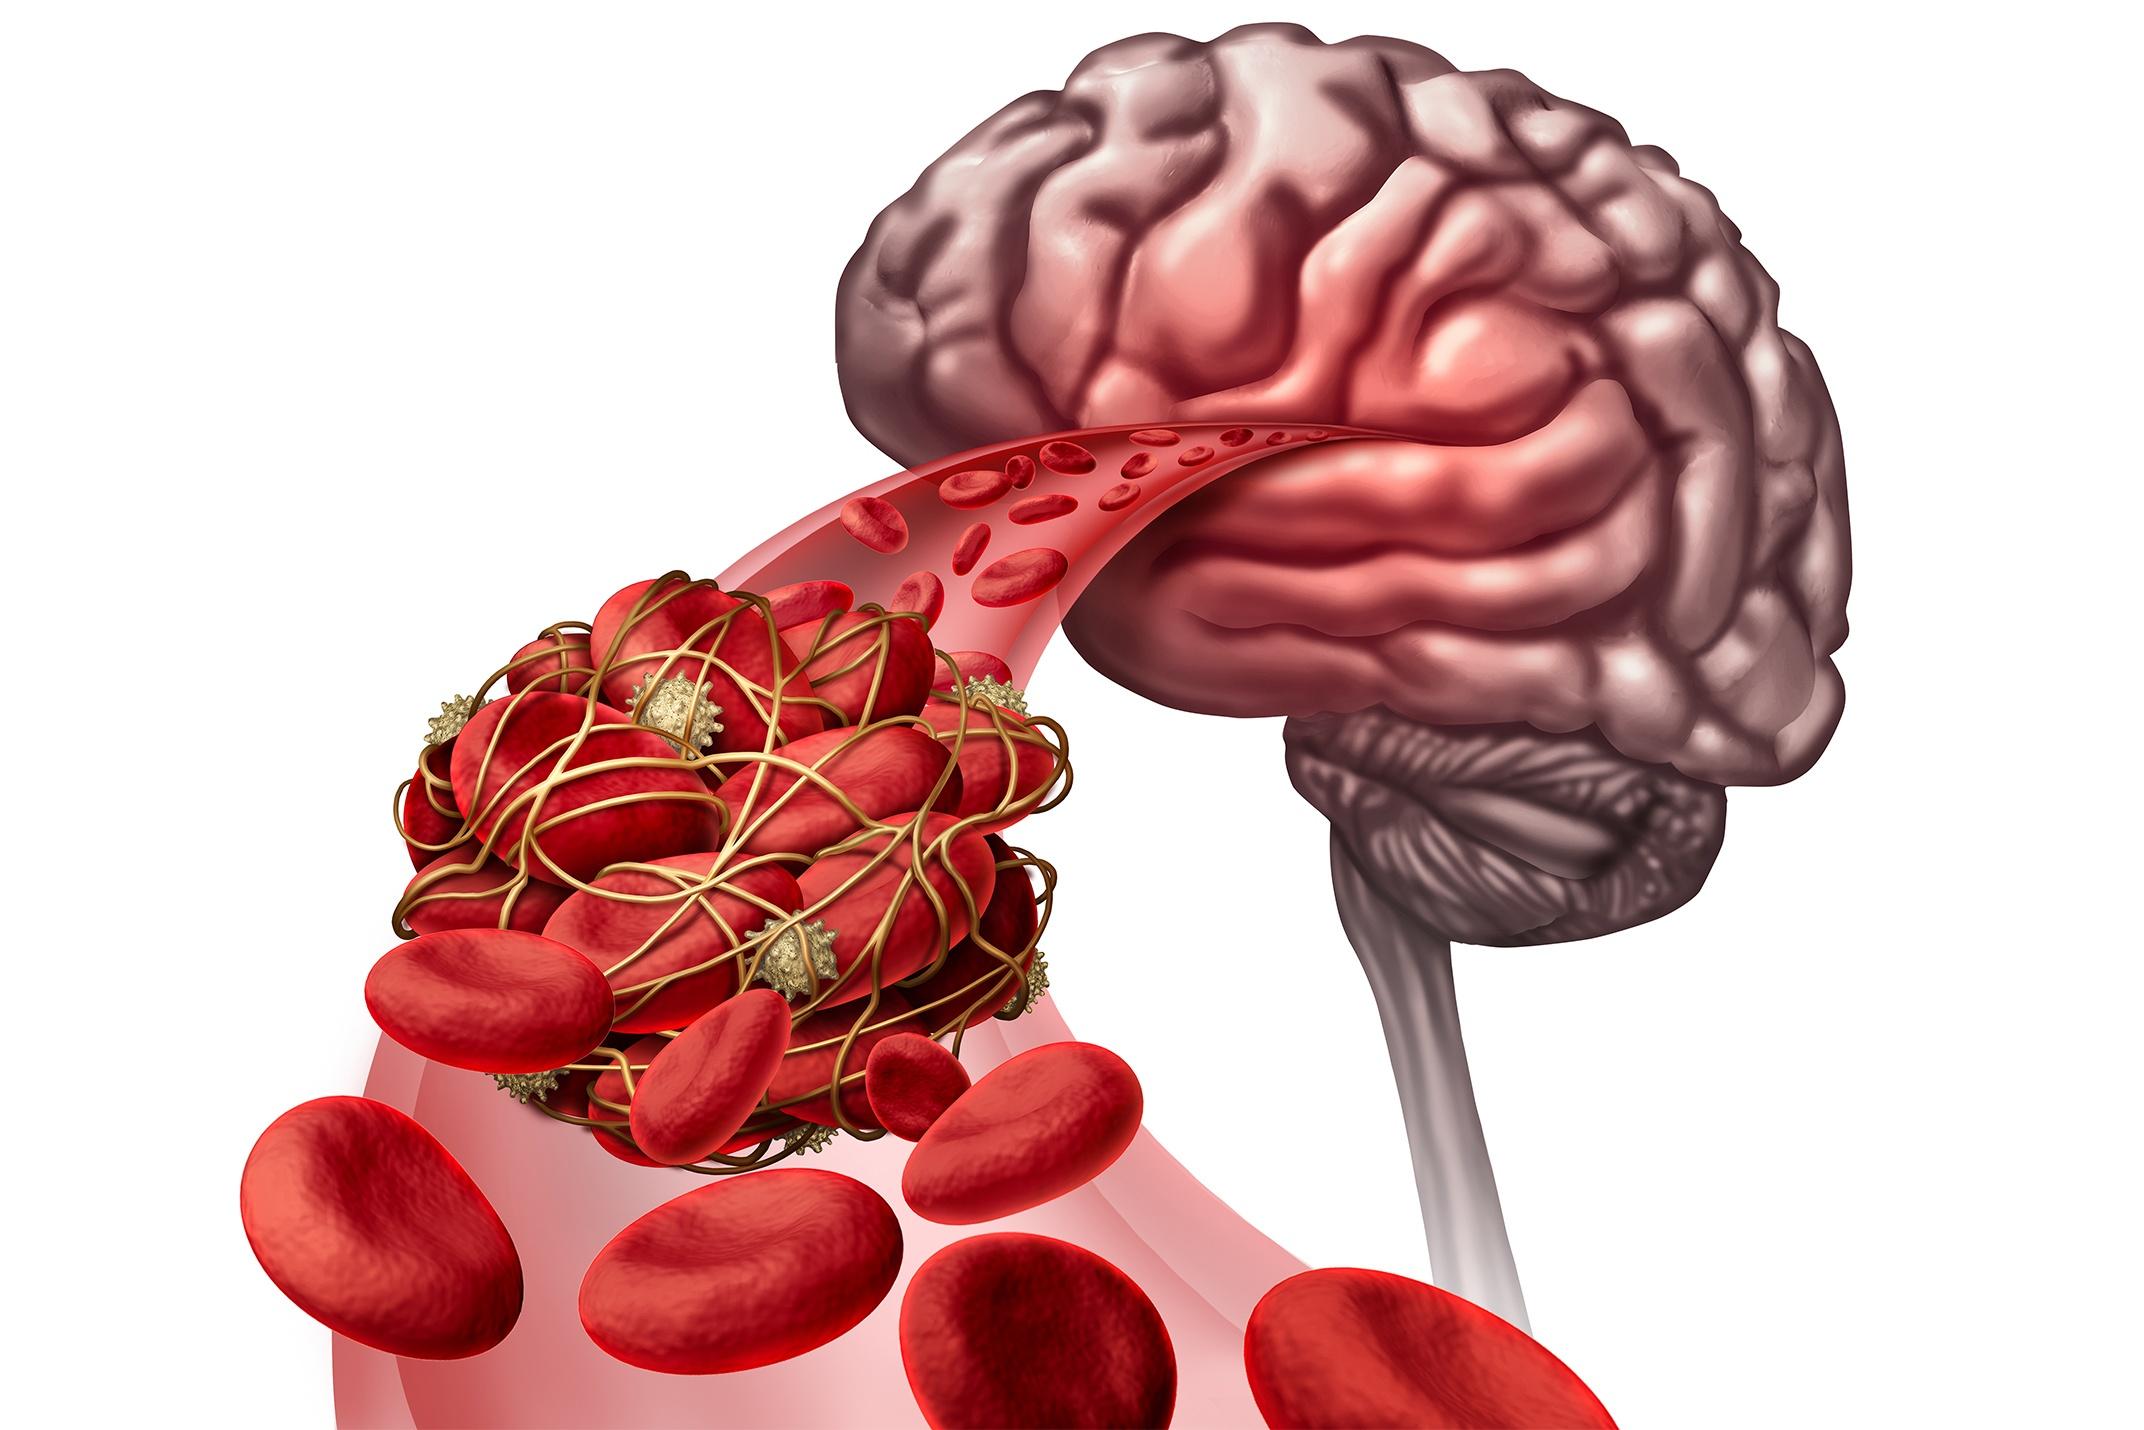 Suplementação de Silimarina Melhora os Níveis de Antioxidantes e Marcadores do Estresse Oxidativo em Pacientes Diabéticos